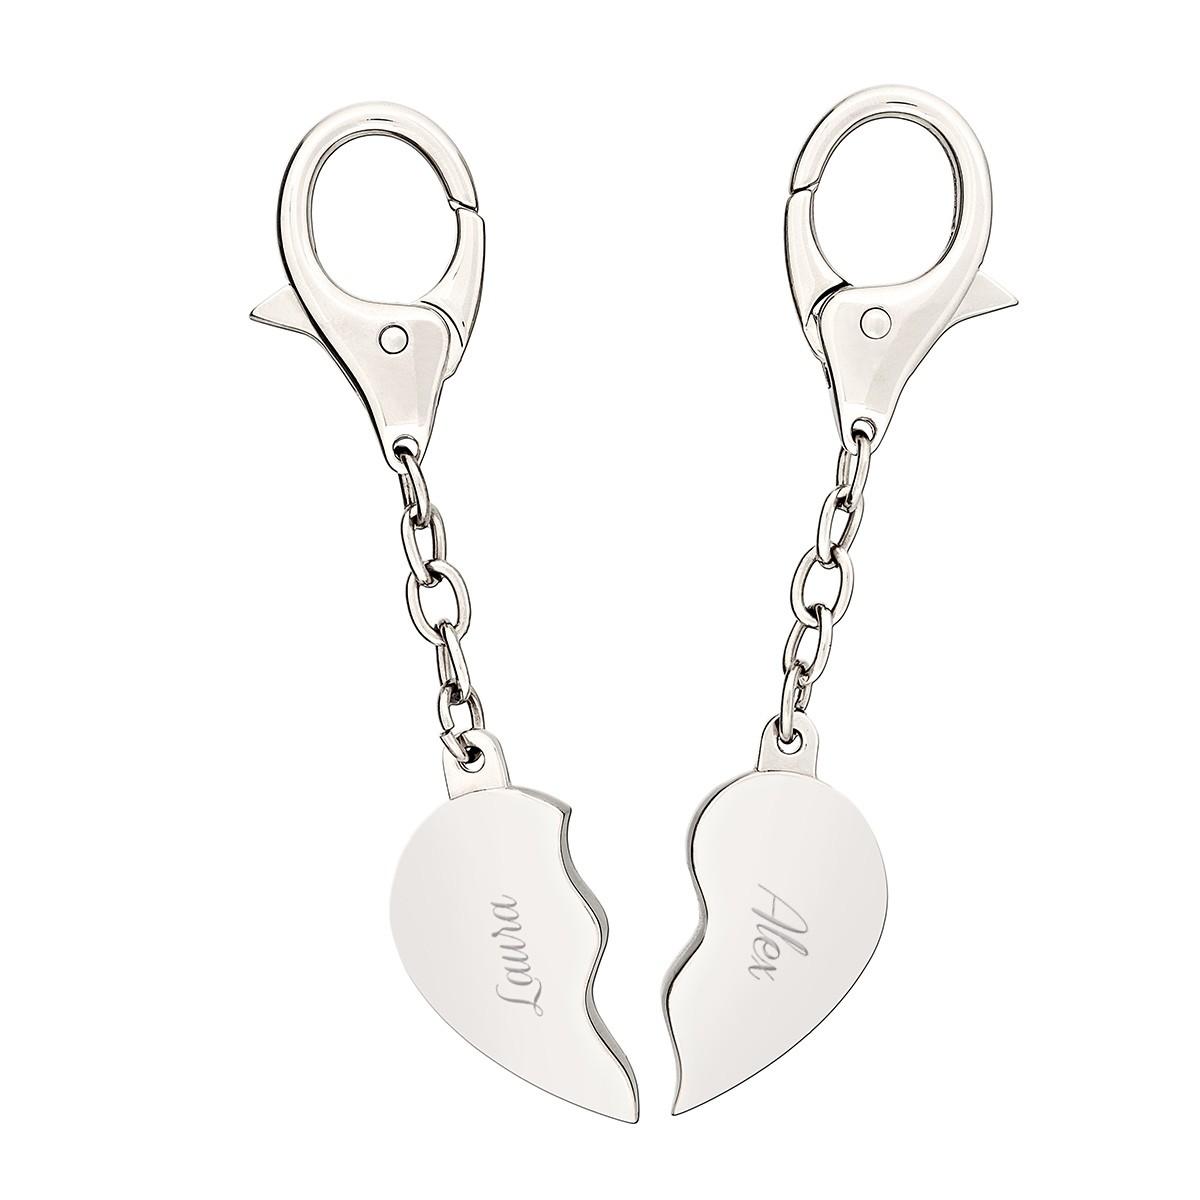 due-portachiavi-con-cuore-spezzato-ed-incisione-regali-per-lui-regali-per-la-coppia